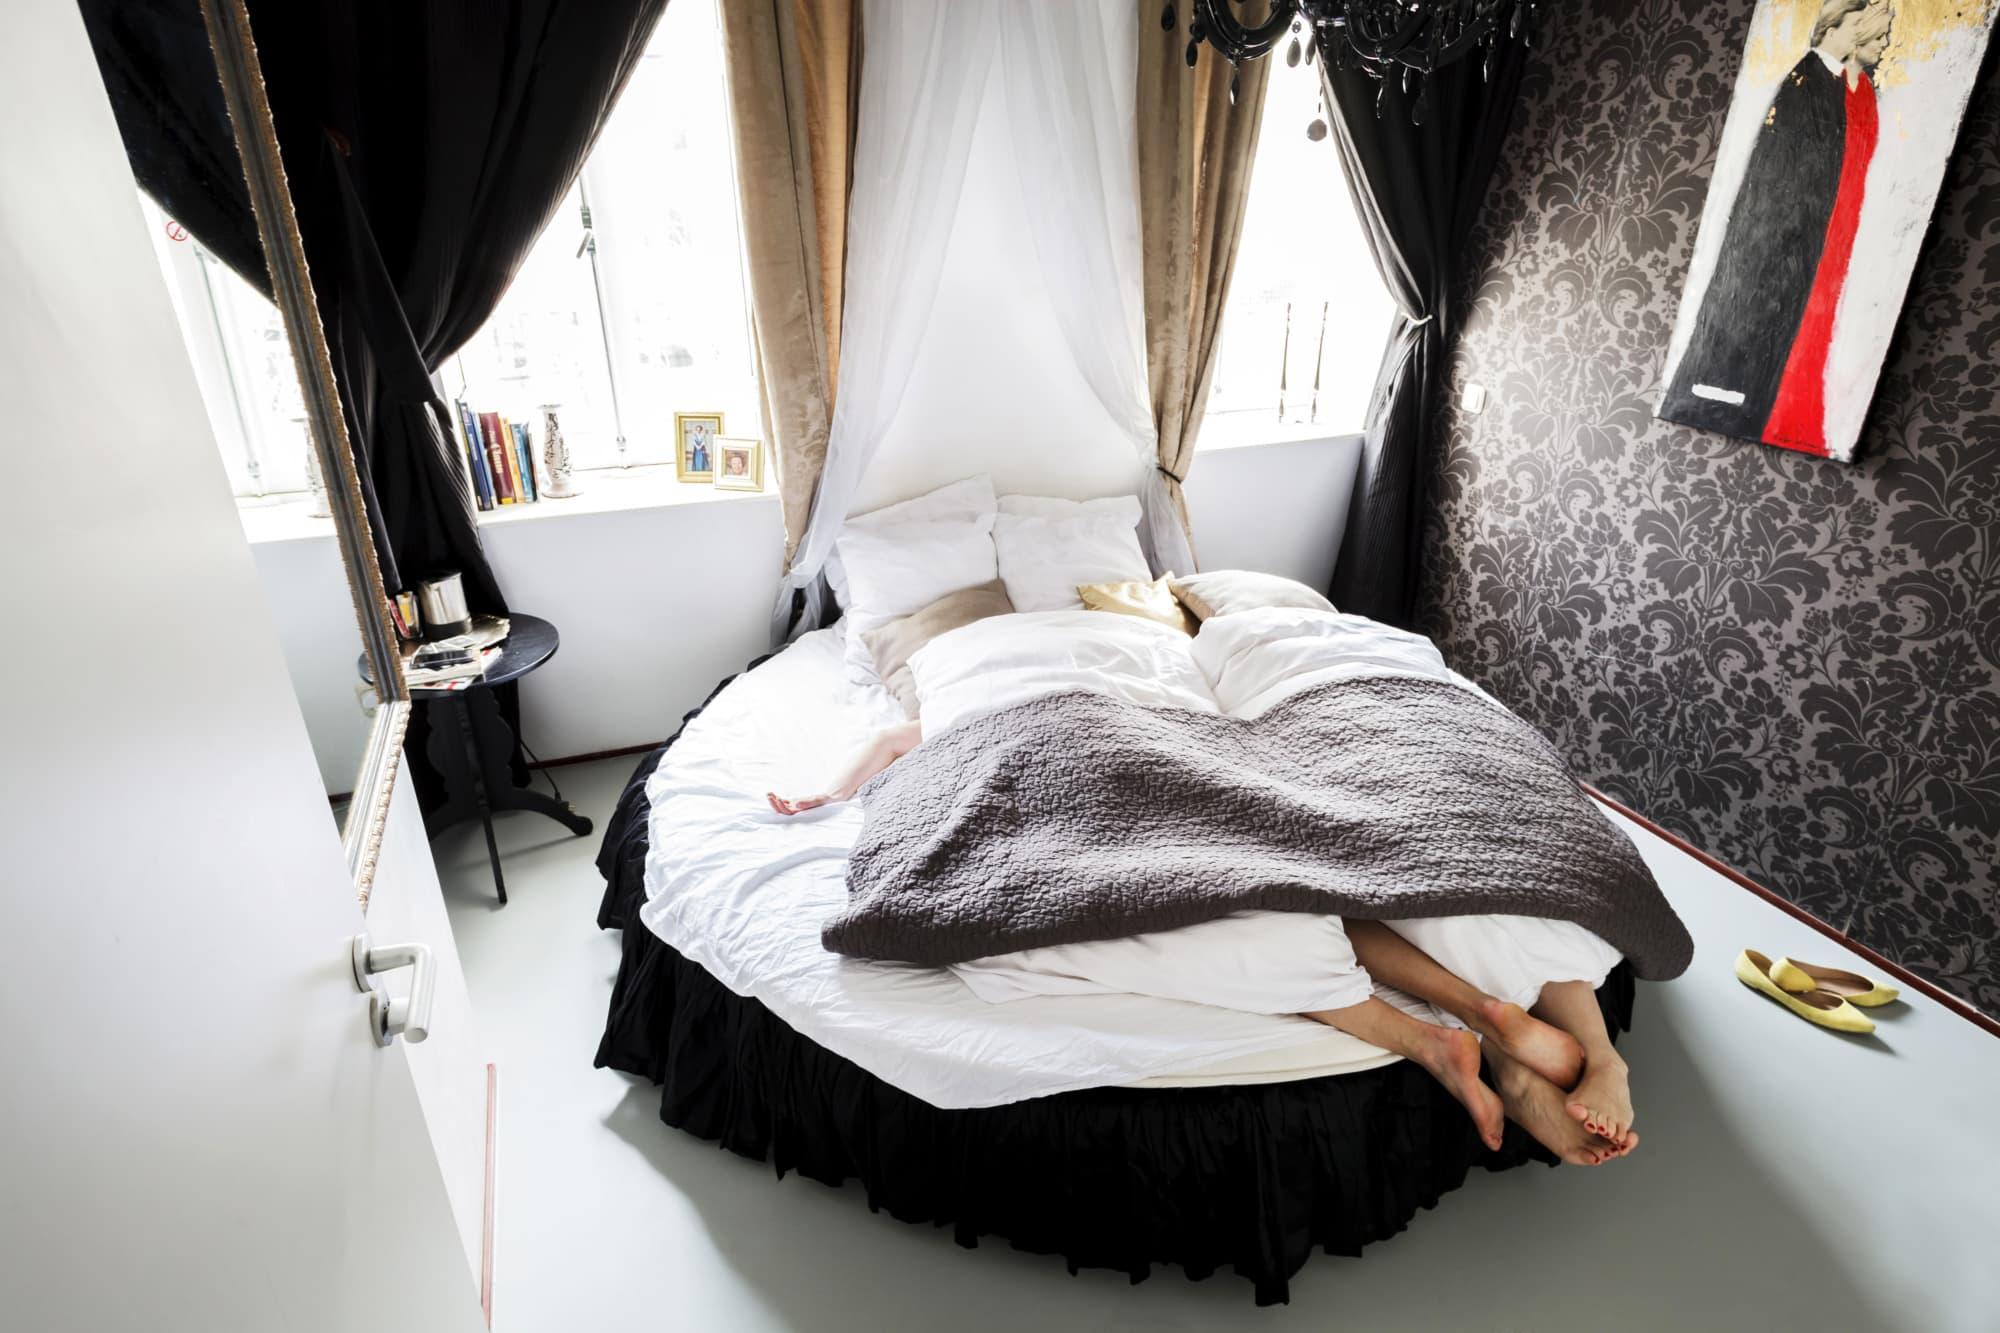 Gemütliches Bett im Cocomama Hostel in Amsterdam